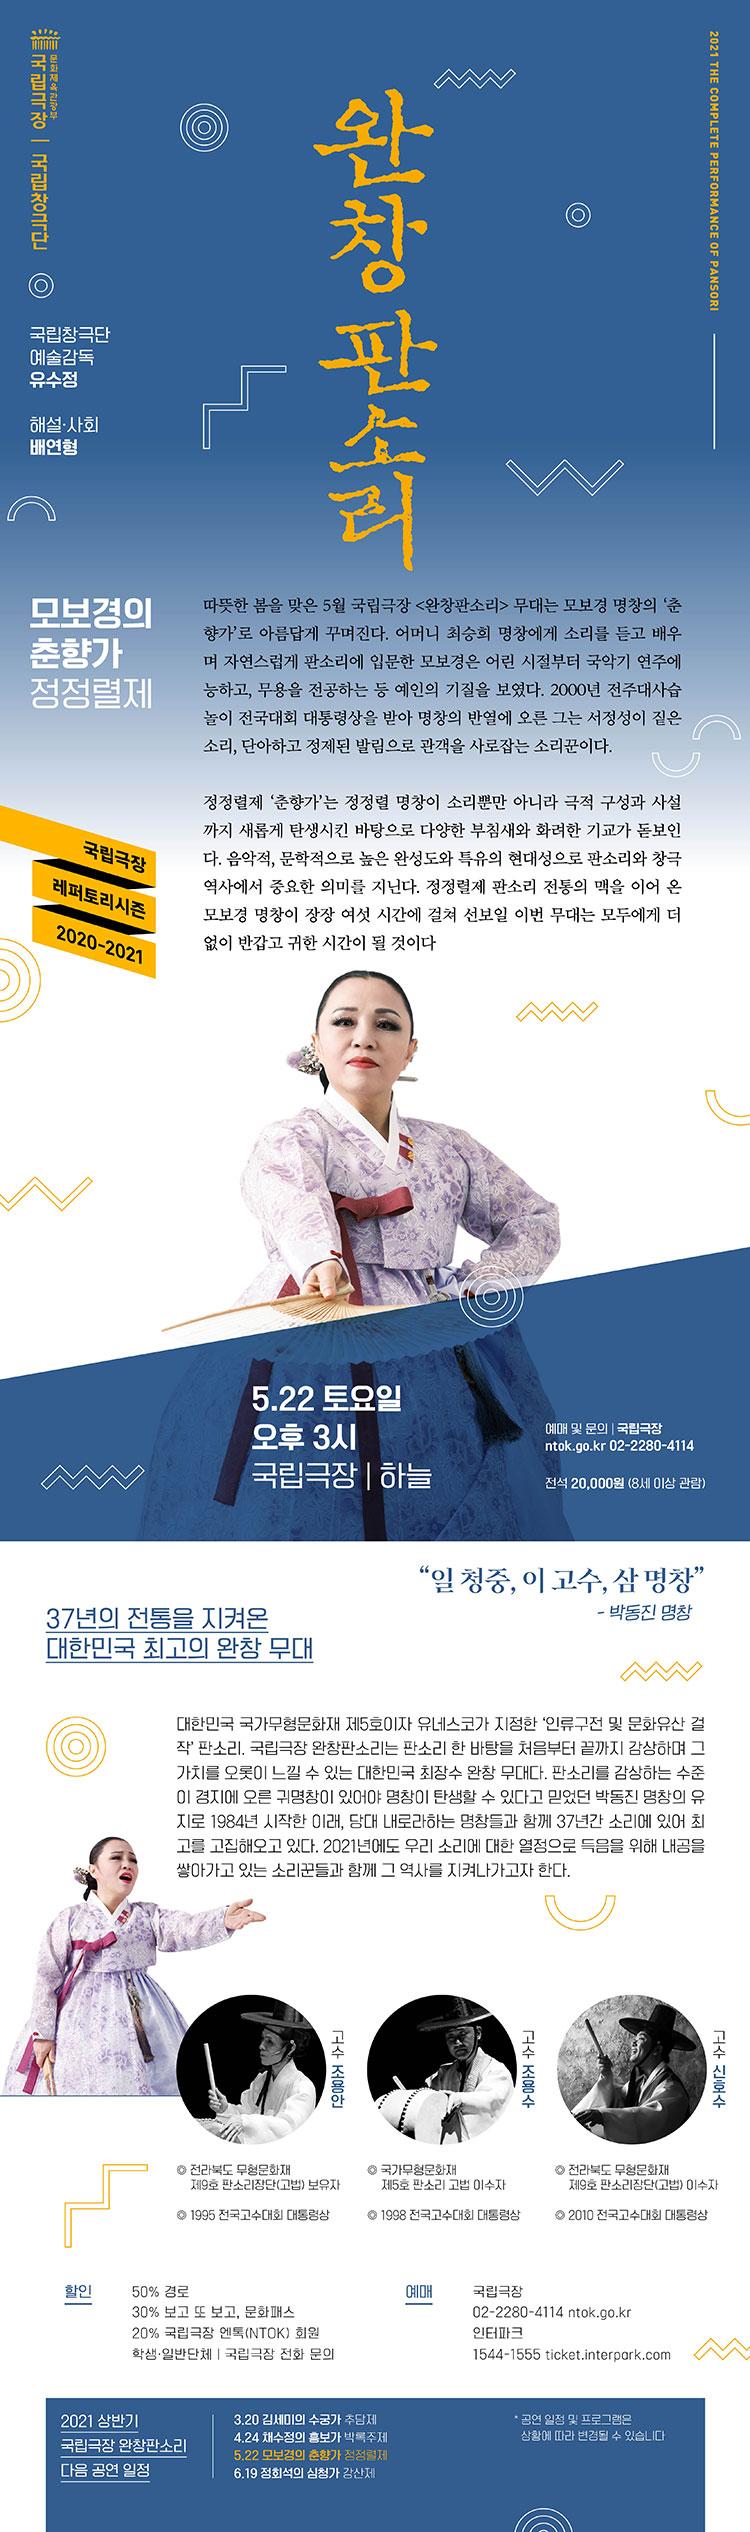 5월 22일 서울 국립극장 완창판소리 공연 '모보경의 춘향가 - 정정렬제 '